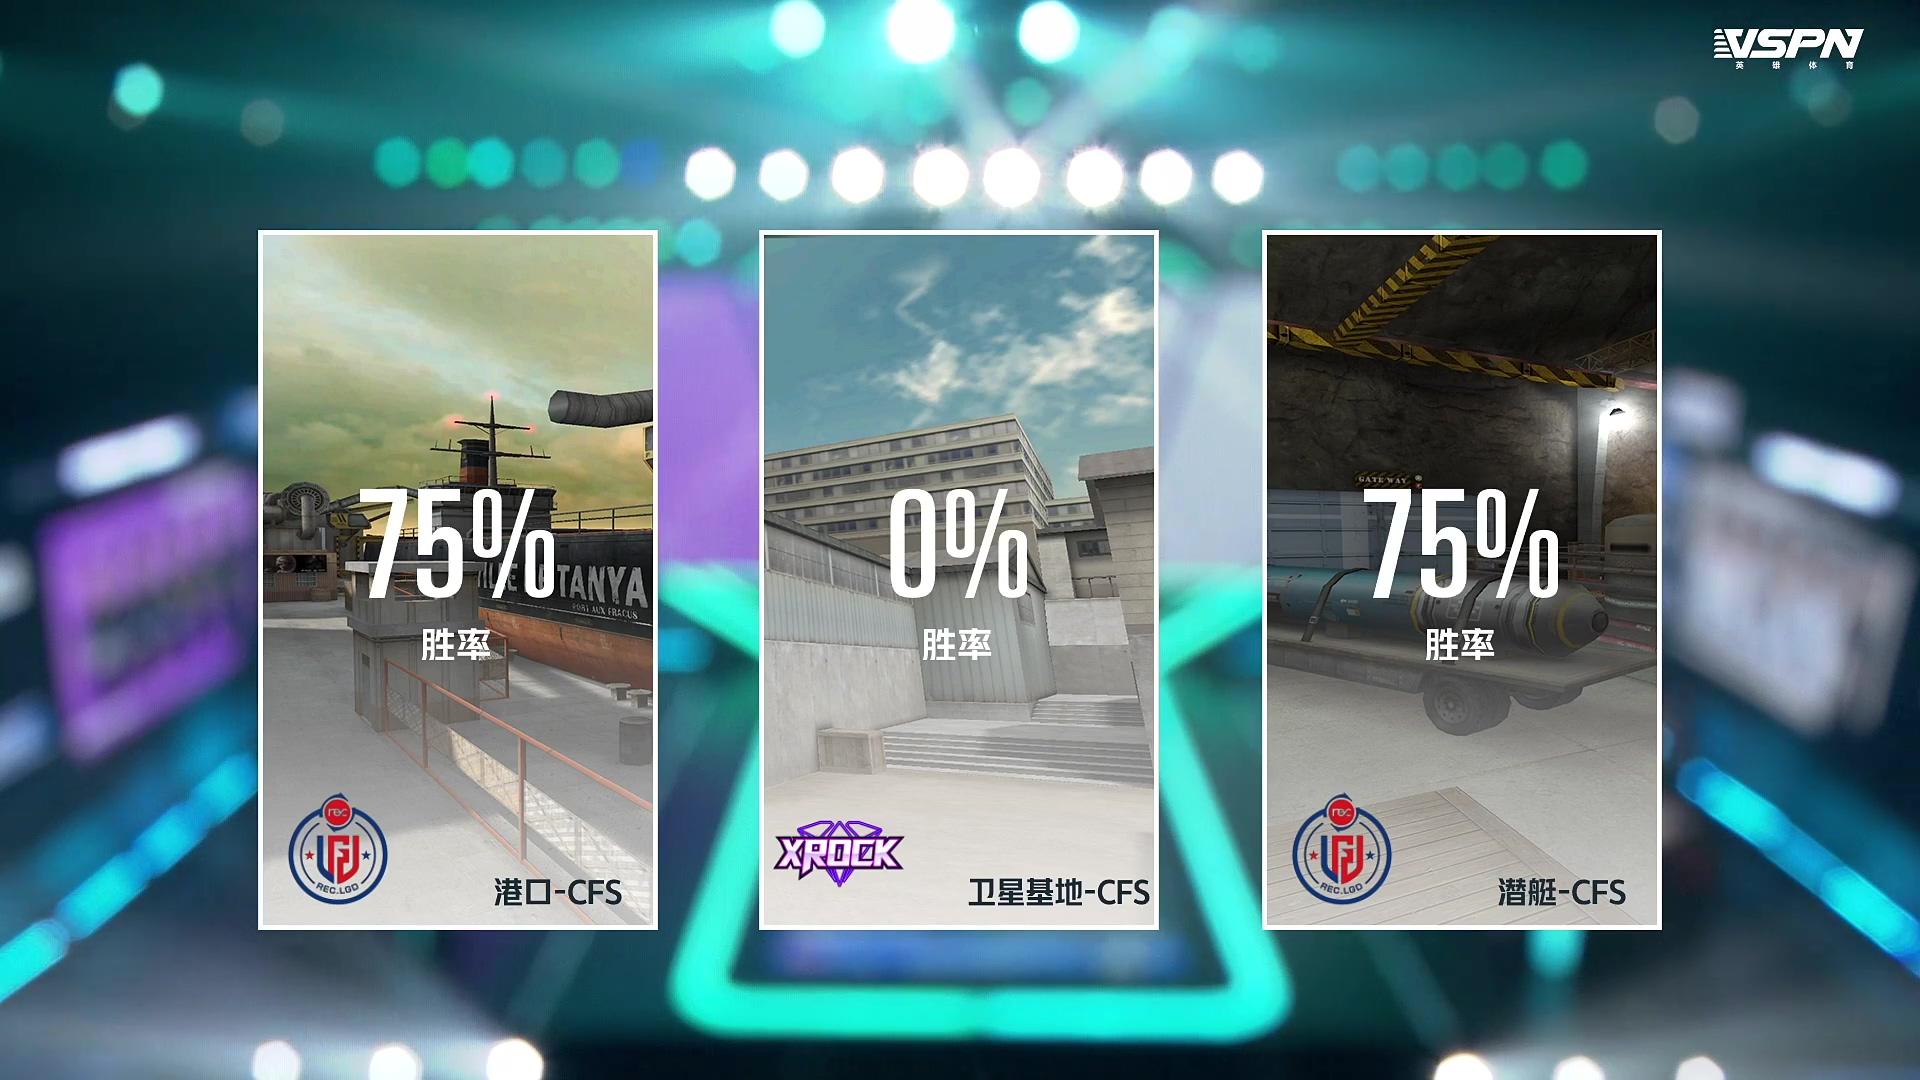 战报:XROCK七连败 R.LGD让一追二逆转取胜